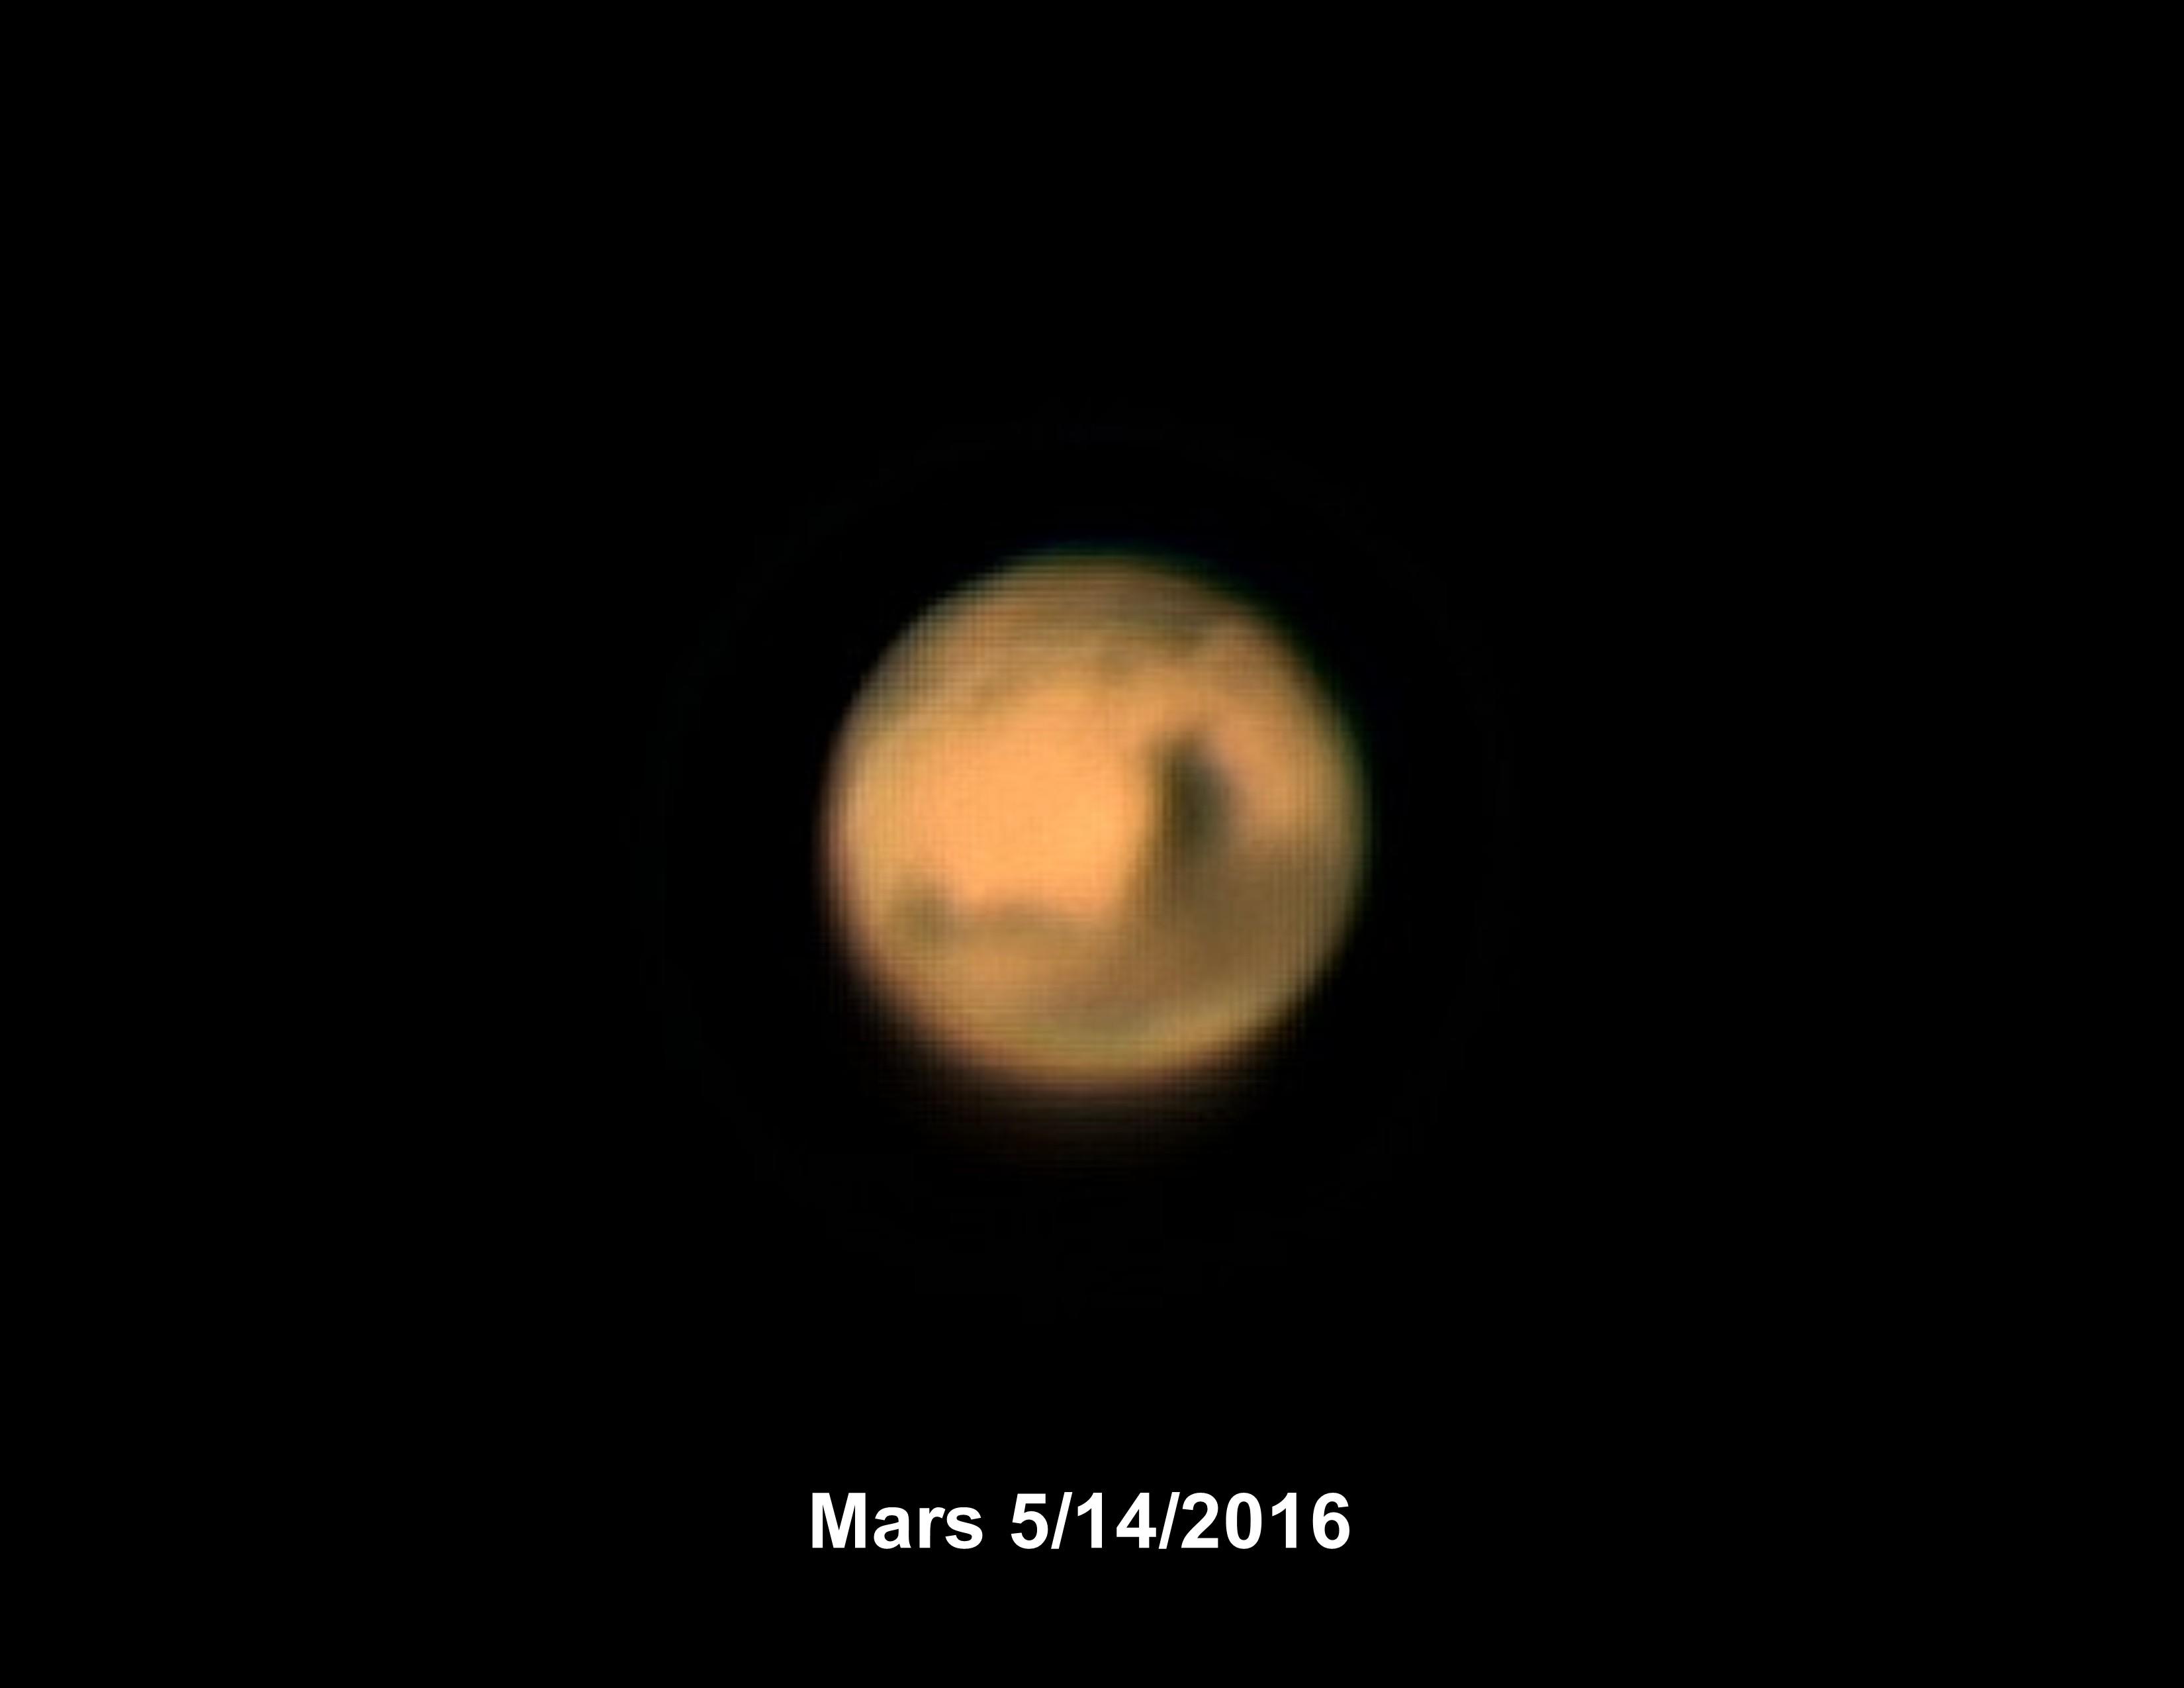 Mars 5-14-2016